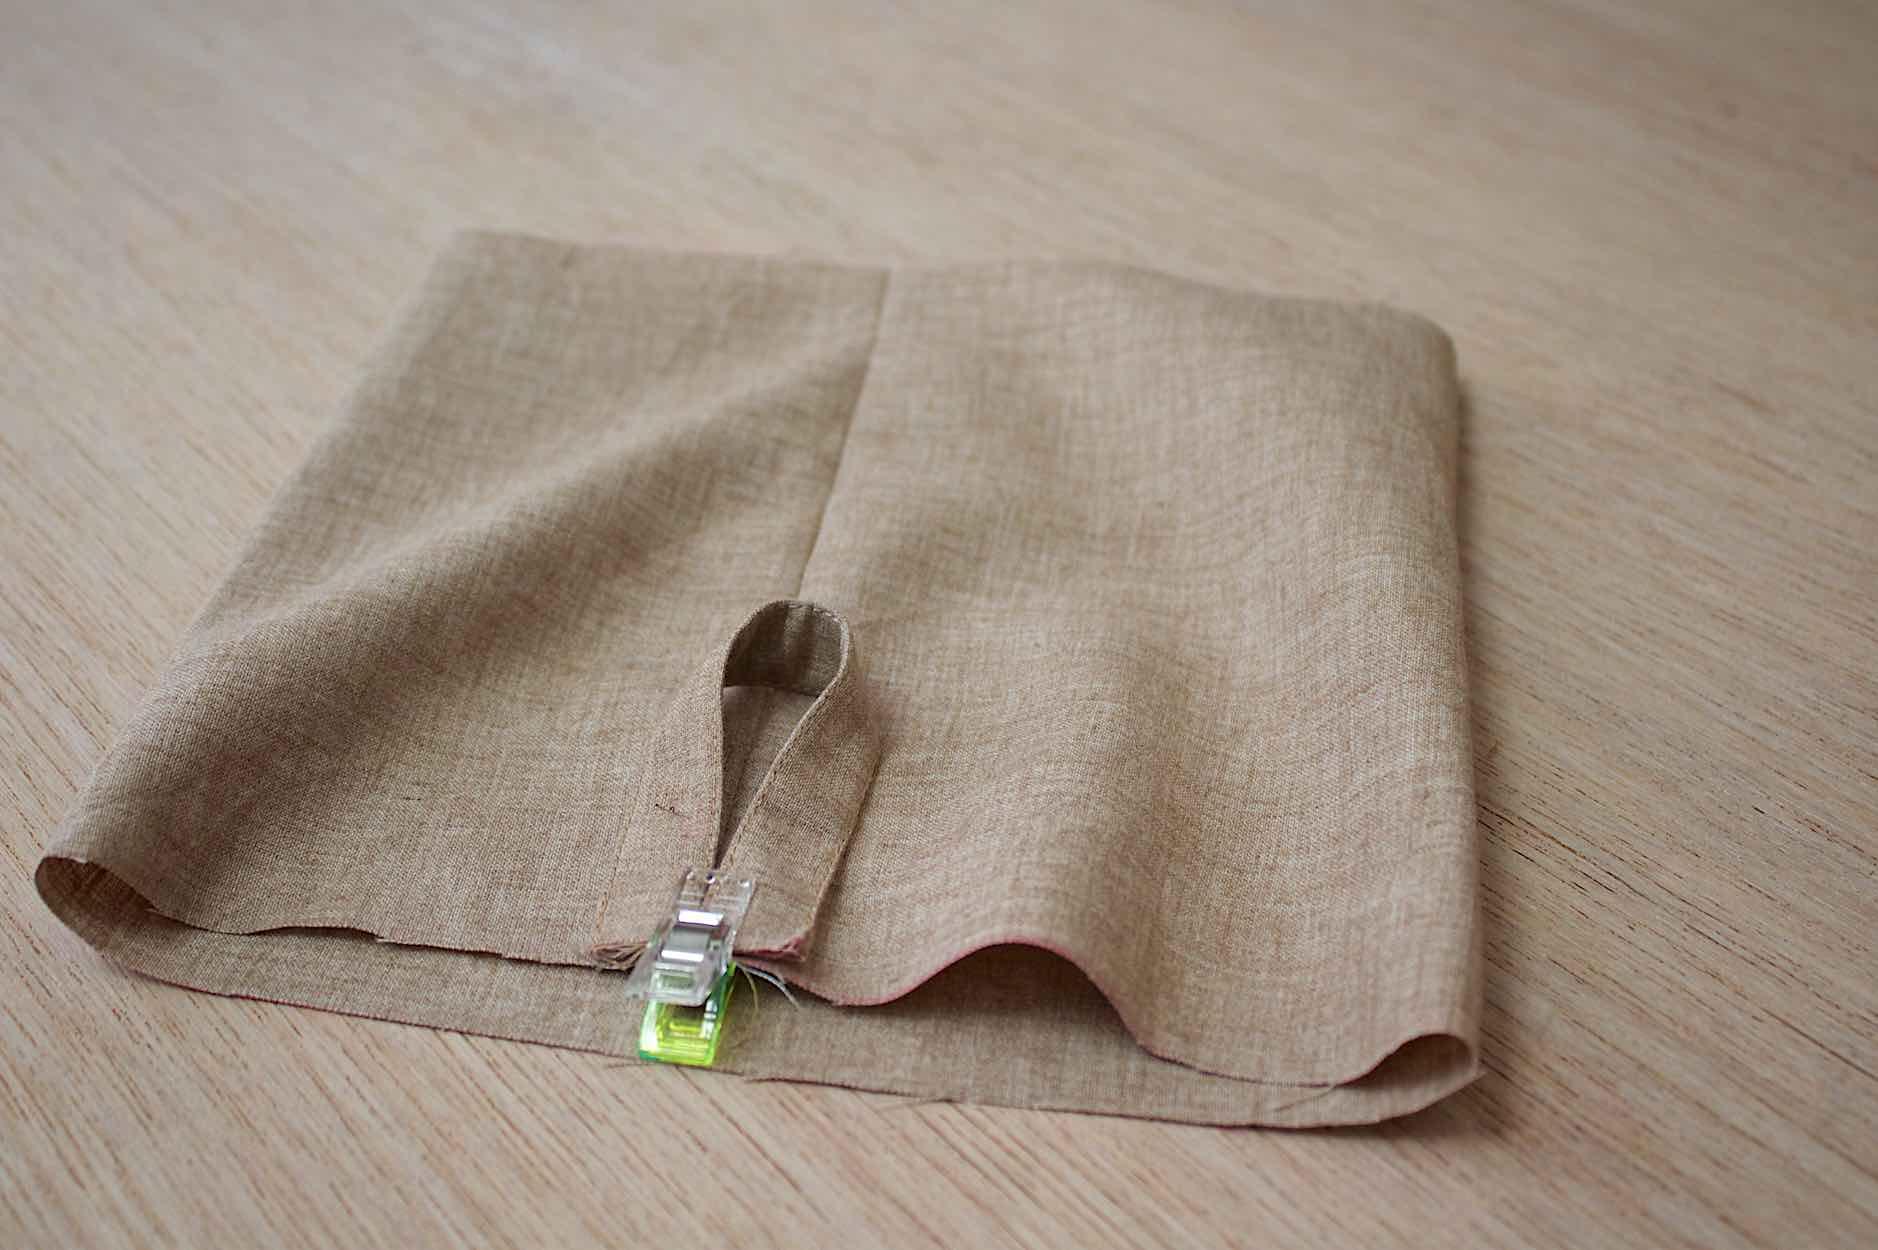 cucite l'anello di aggancio al tessuto principale